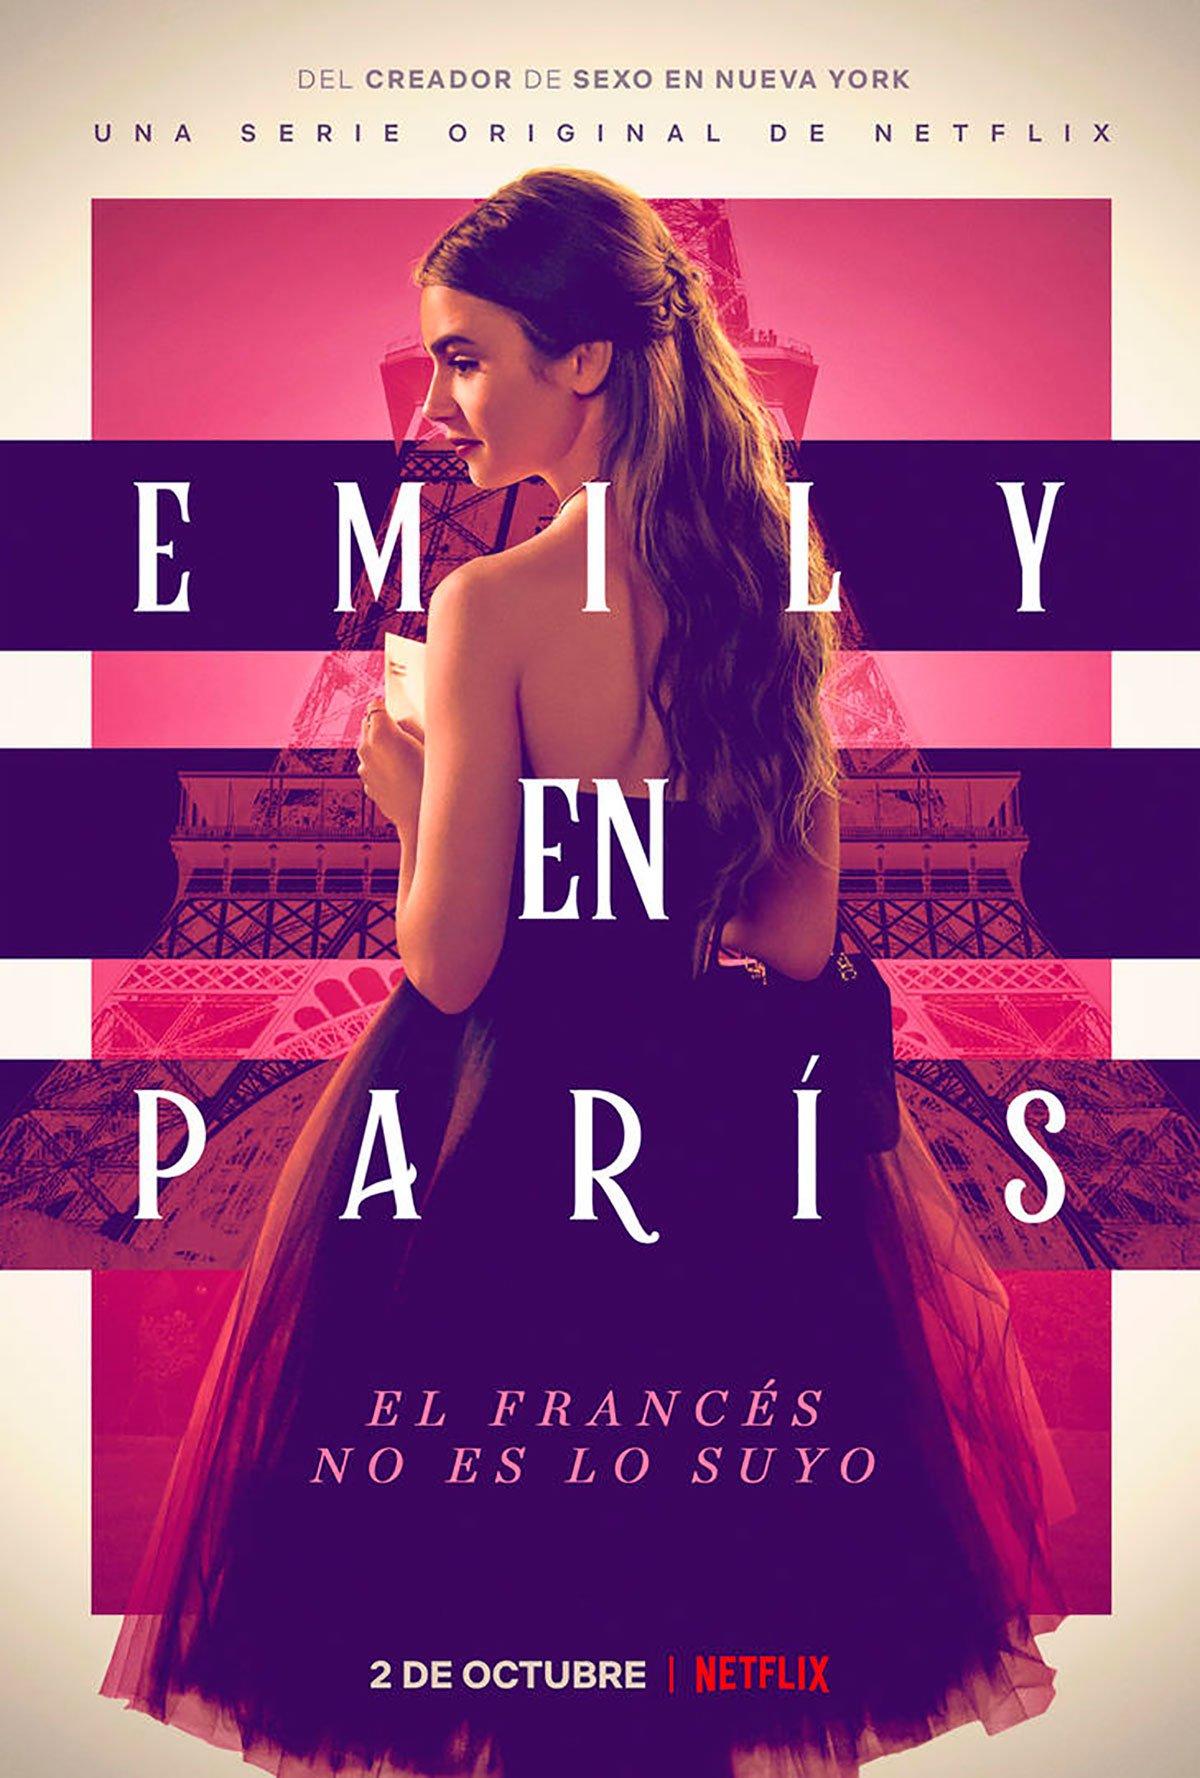 Reparto Emily en París temporada 1 - SensaCine.com